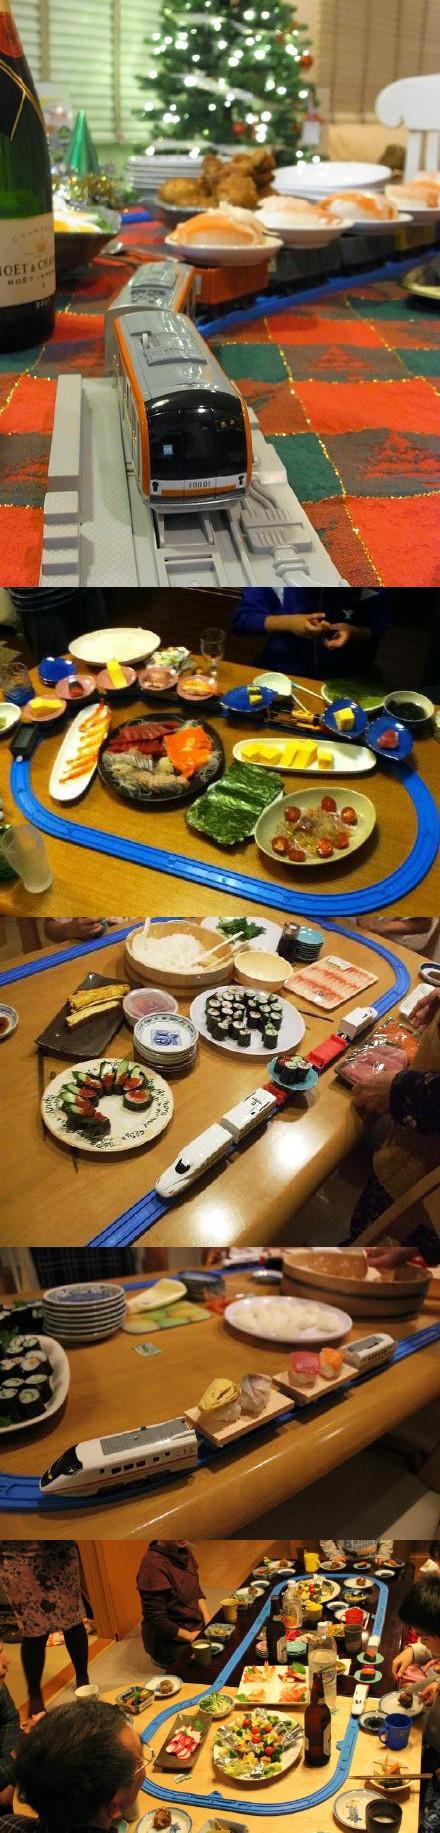 """某网友分享了如何在家里吃回转寿司的方法,简直太""""高大上""""了哈哈哈哈哈(๑•̀ㅂ•́)و✧"""